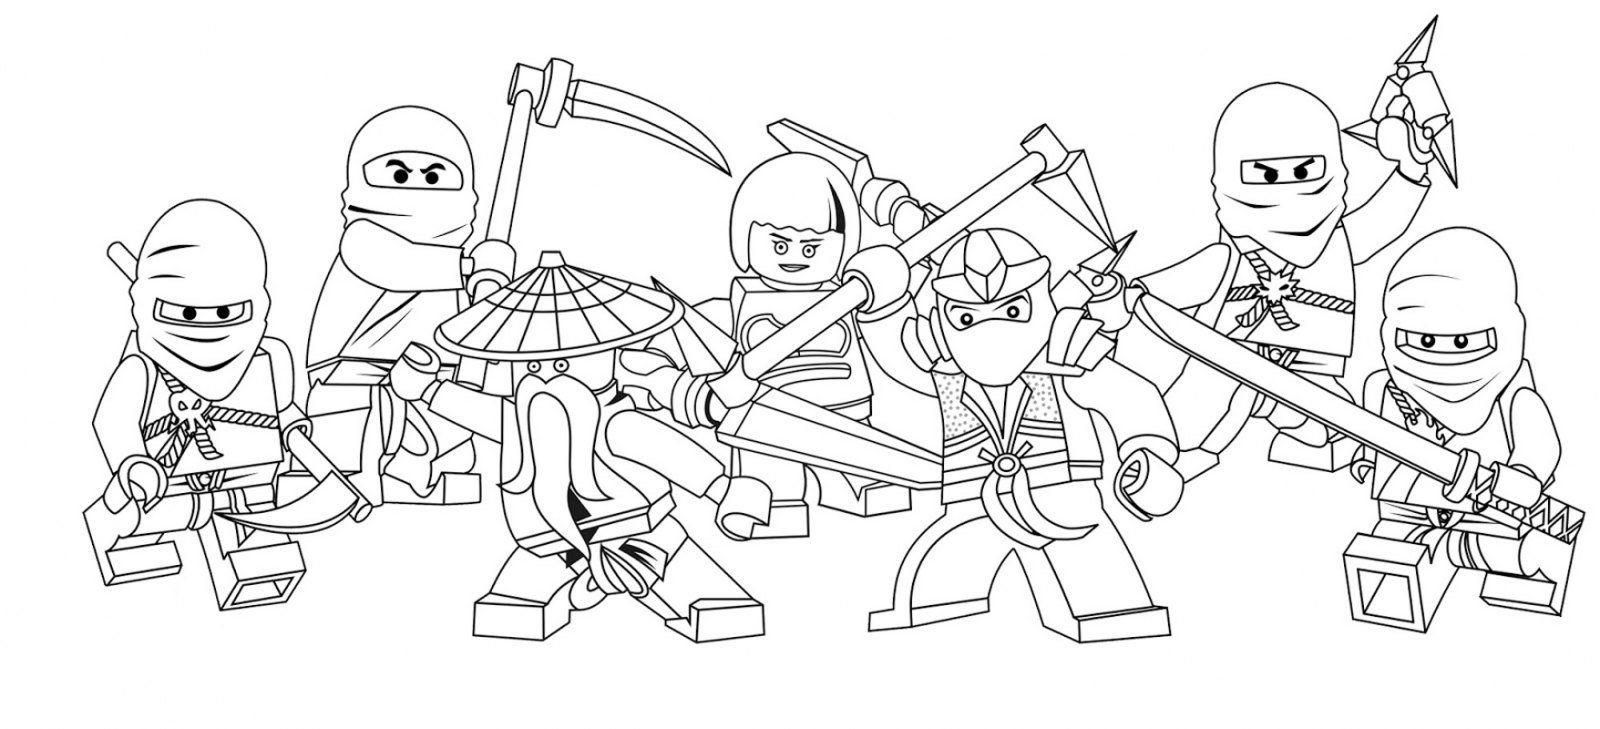 Lego Ninja Go hd. Dibujos de Lego para colorear | Para colorear ...